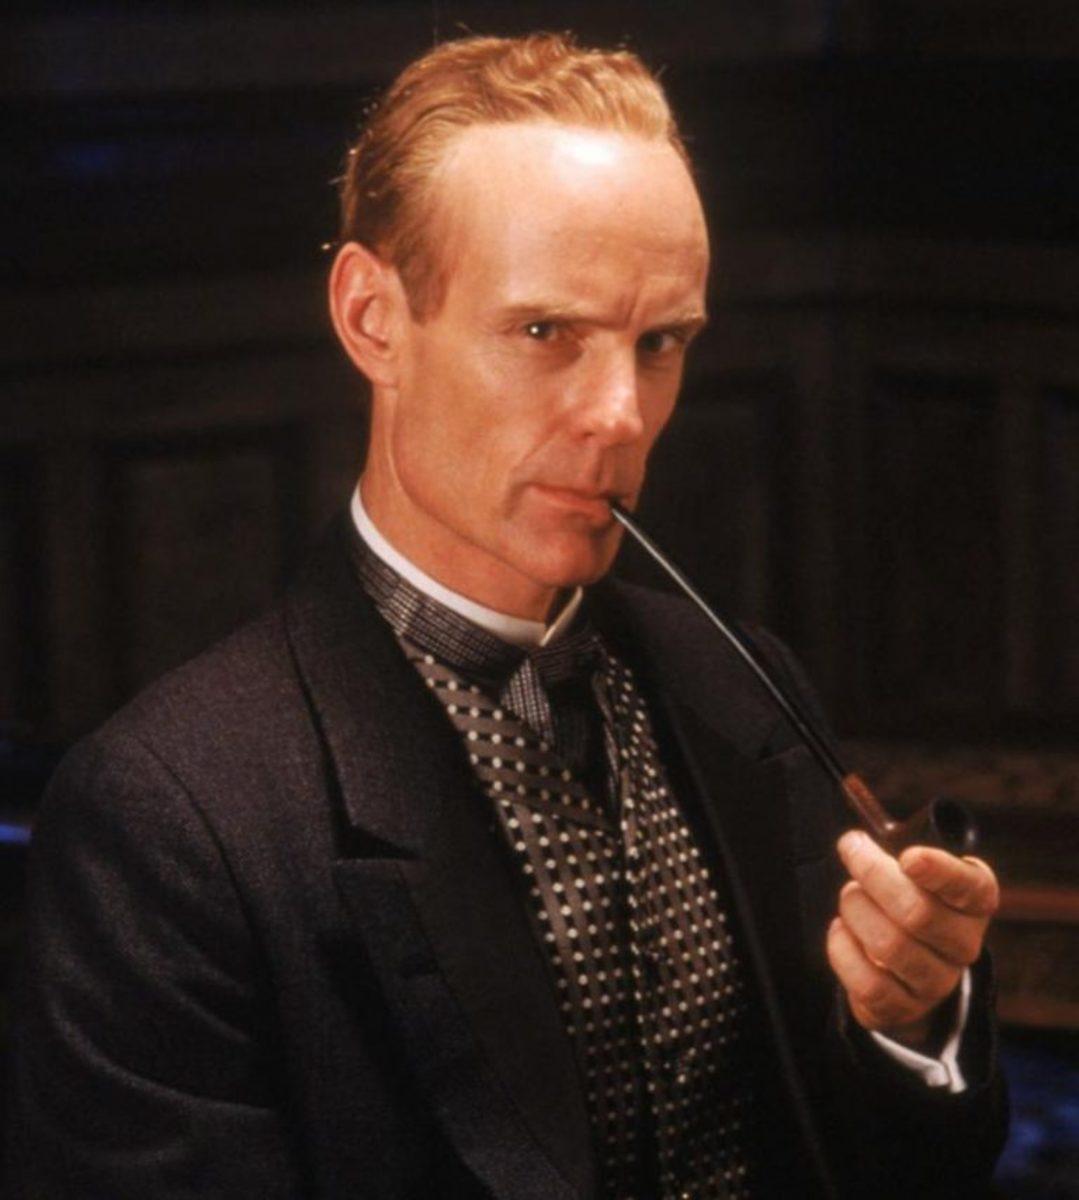 Matt Frewer in the Hallmark Sherlock Holmes television specials.